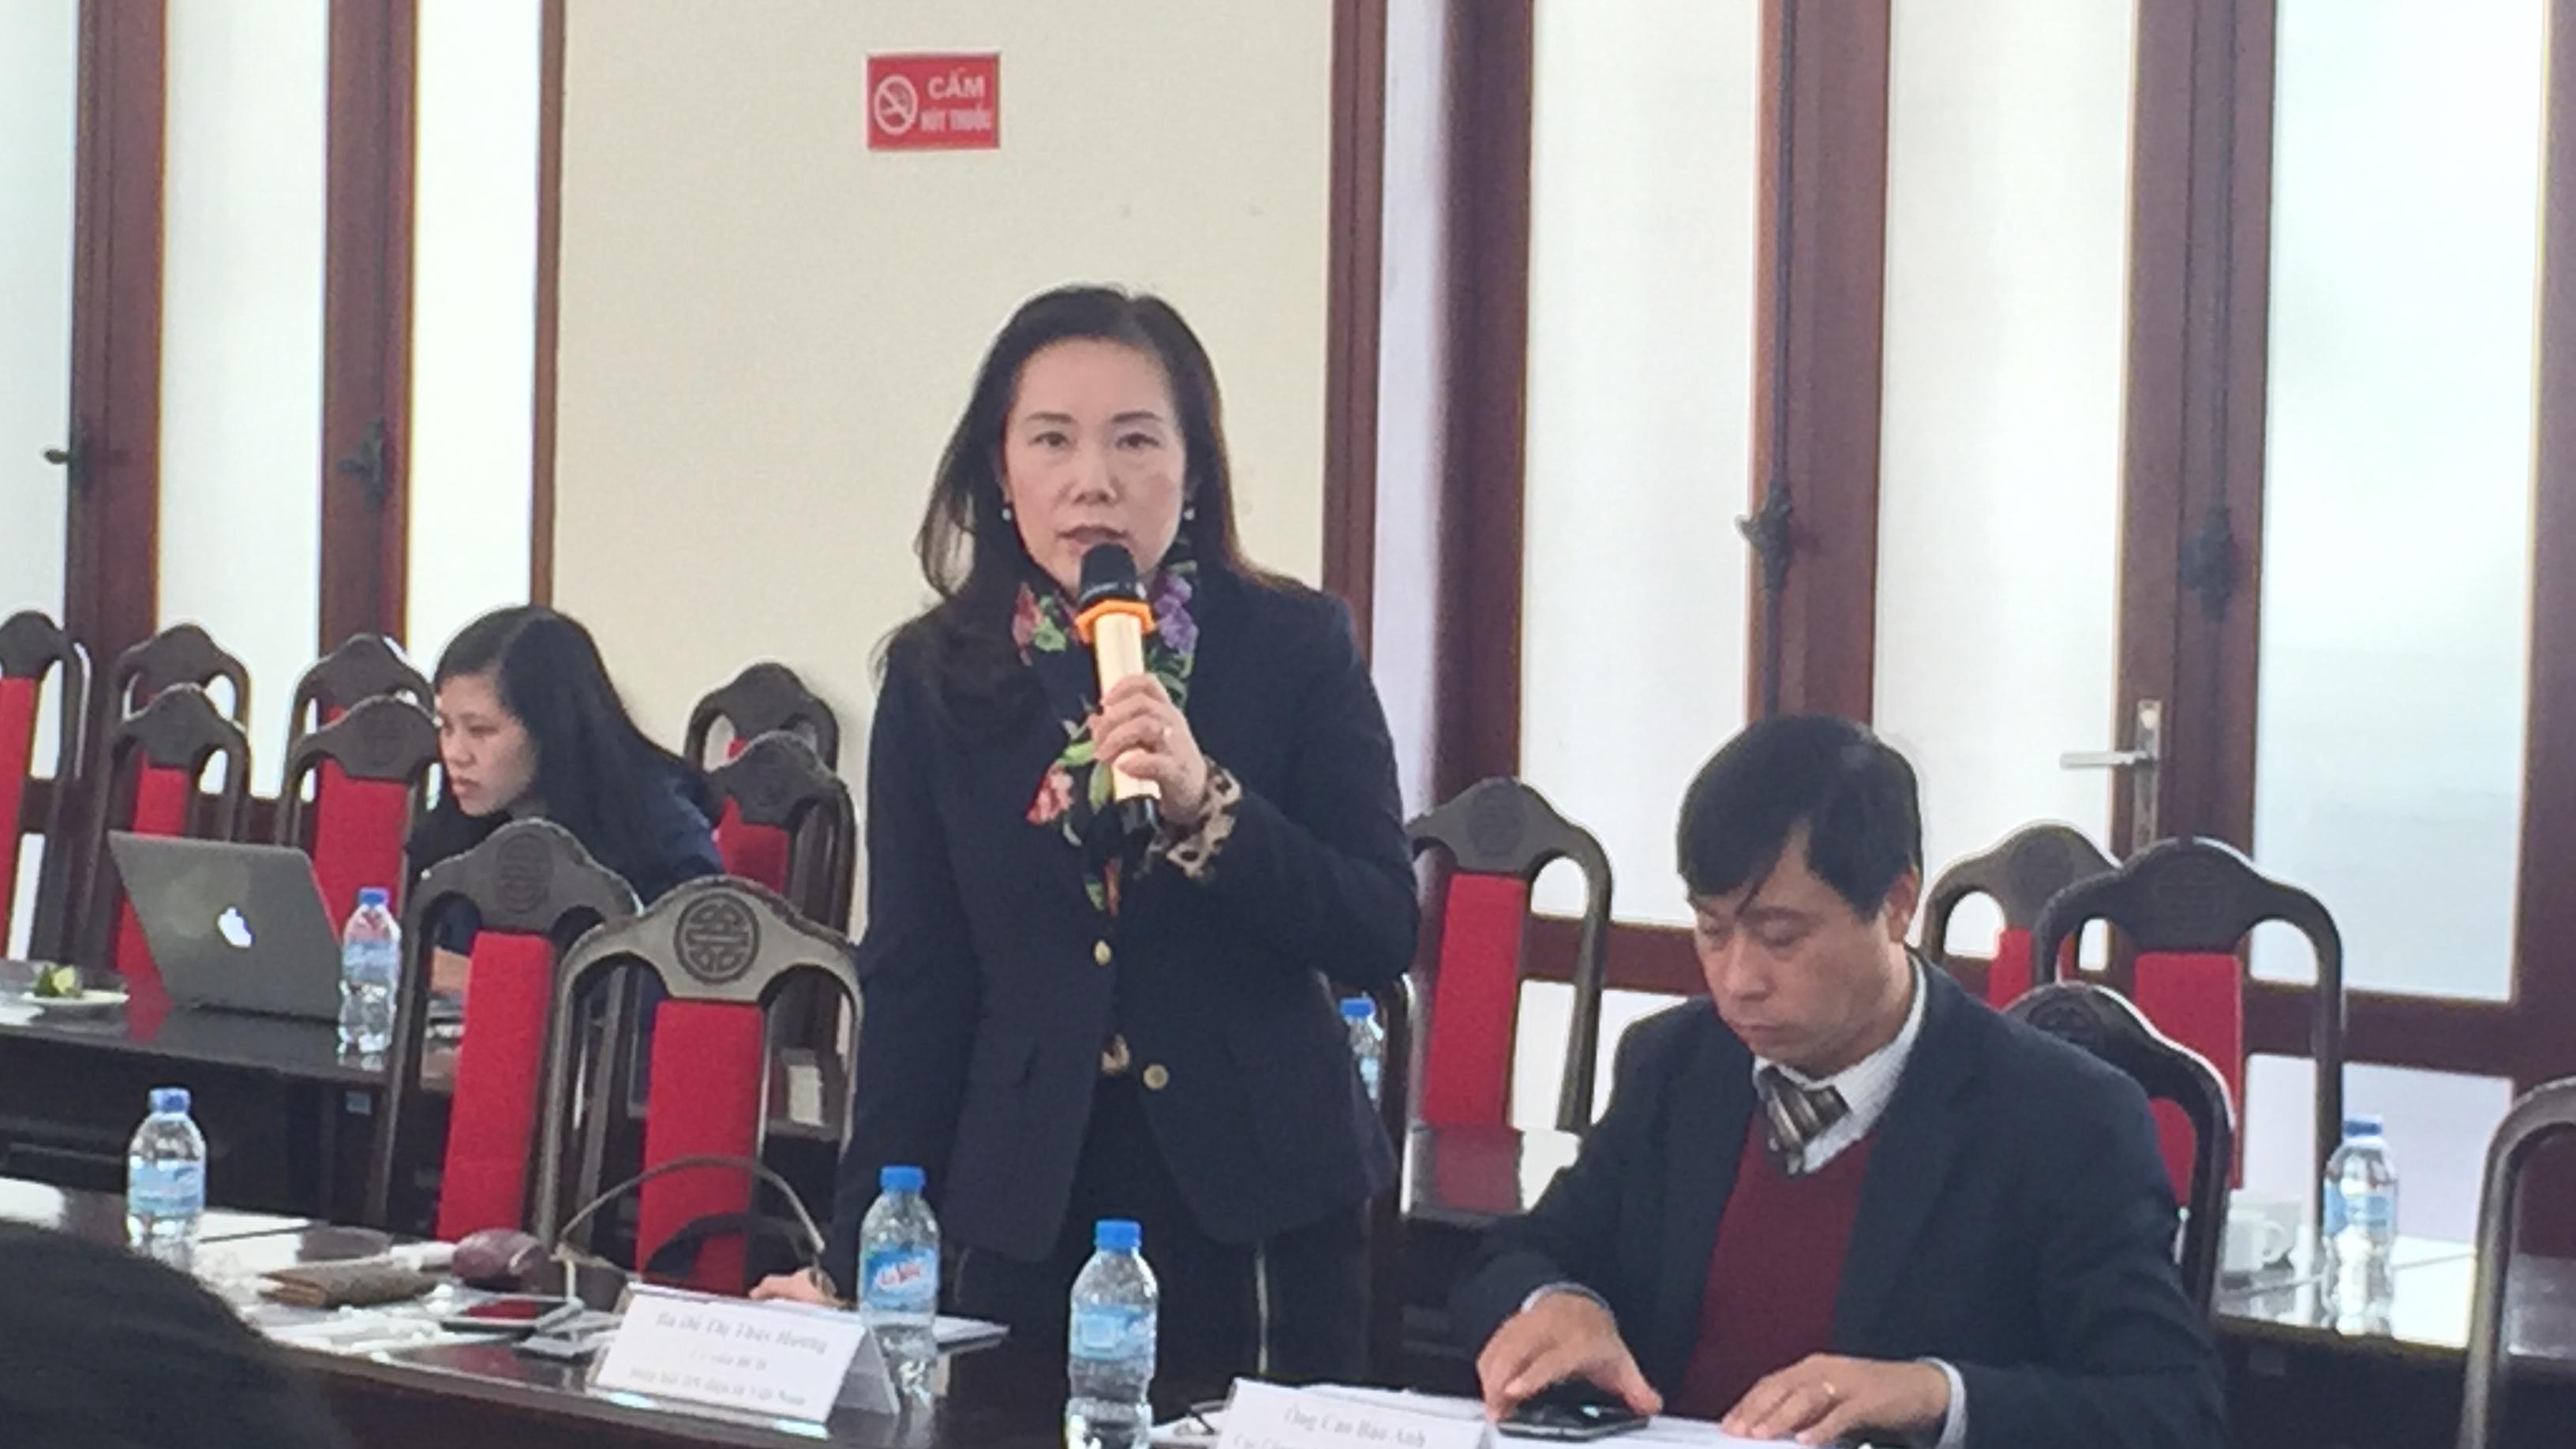 Sản phẩm điện tử 'Made in Vietnam': Giấc mơ còn xa?